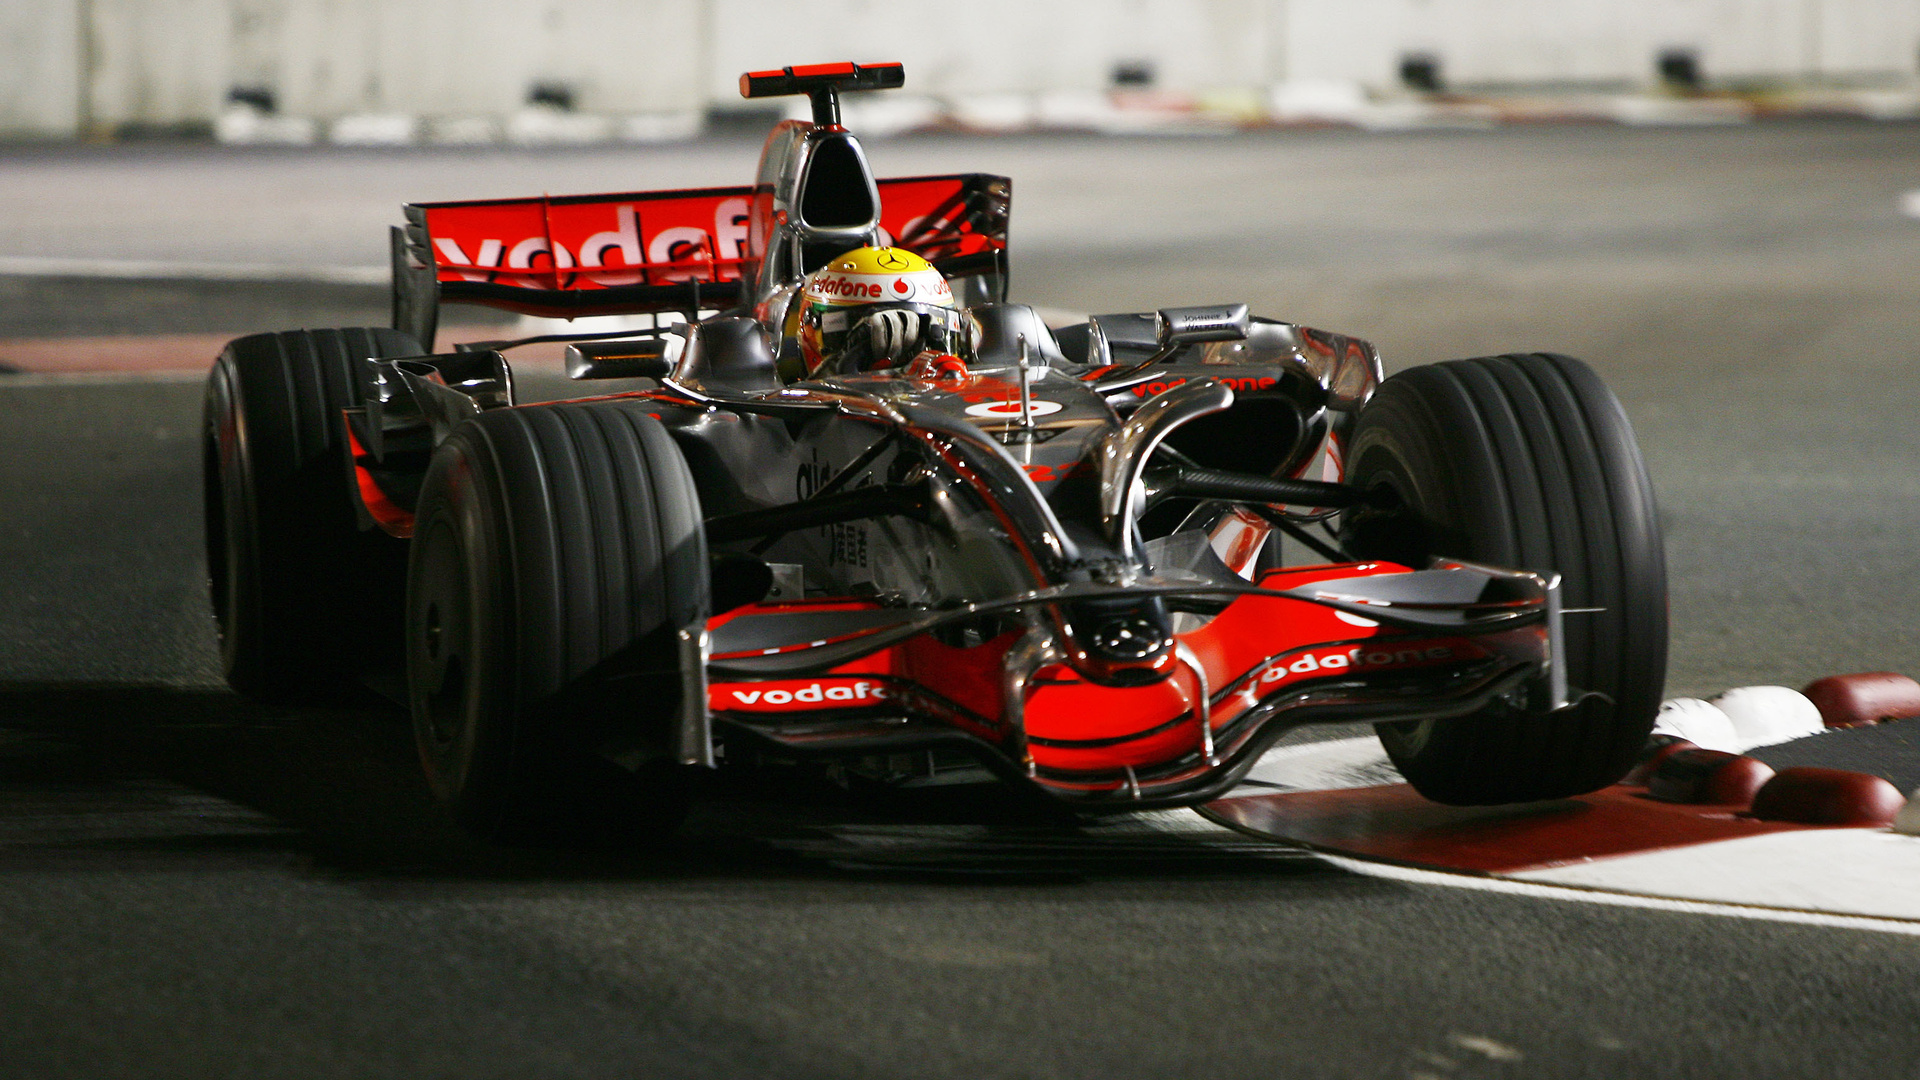 McLaren Formula 1 Wallpaper - WallpaperSafari